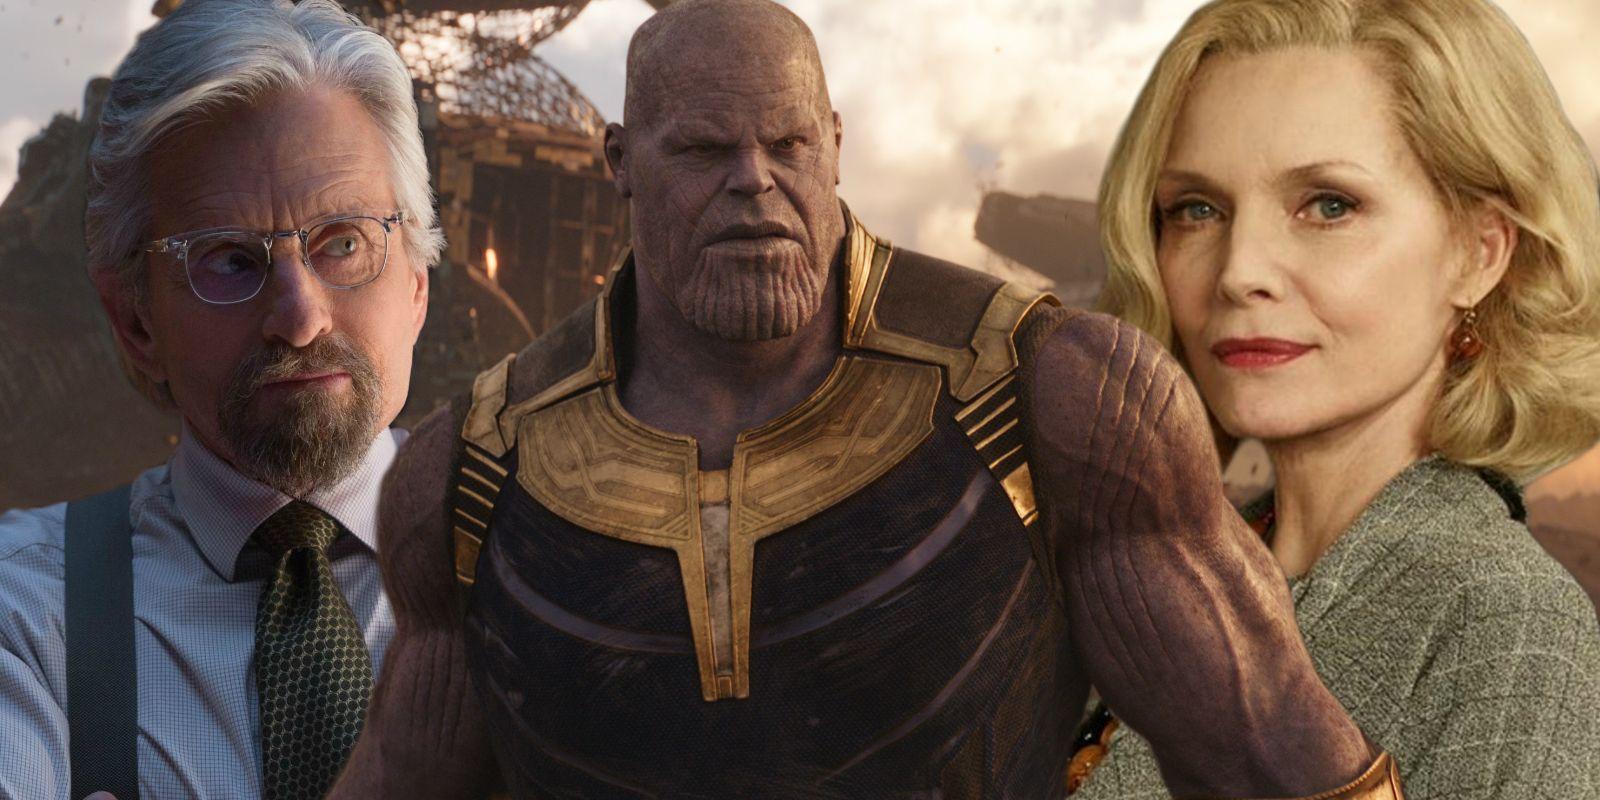 Avengers Sebastian Stan Confirms Scene With Ant Man 2 Stars